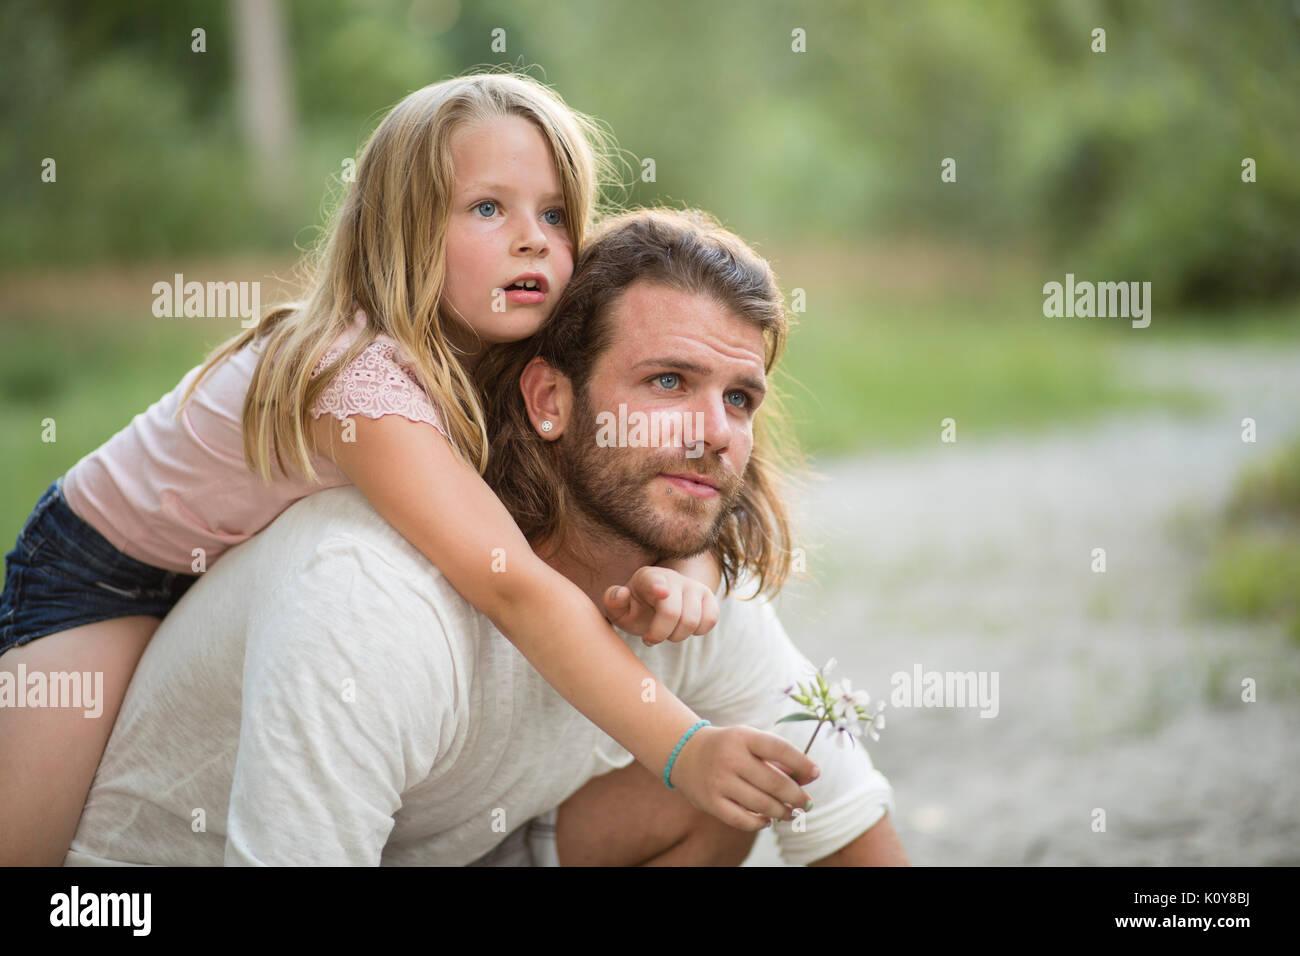 El padre y la hija juntos en el bosque Imagen De Stock